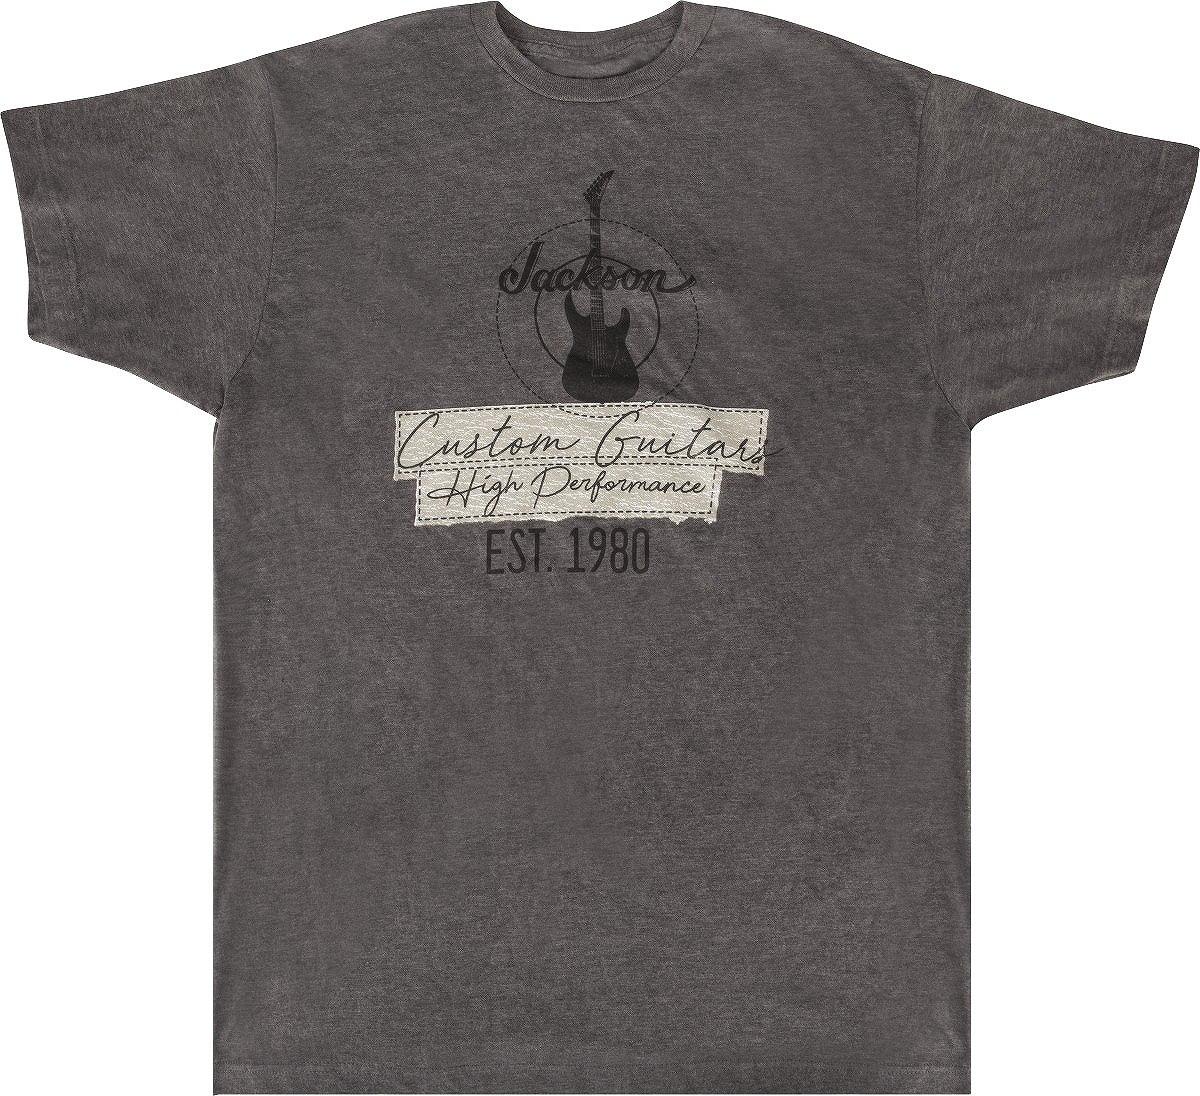 アクセサリー, その他 Jackson Jackson Custom Guitar T-Shirt Charcoal XL T